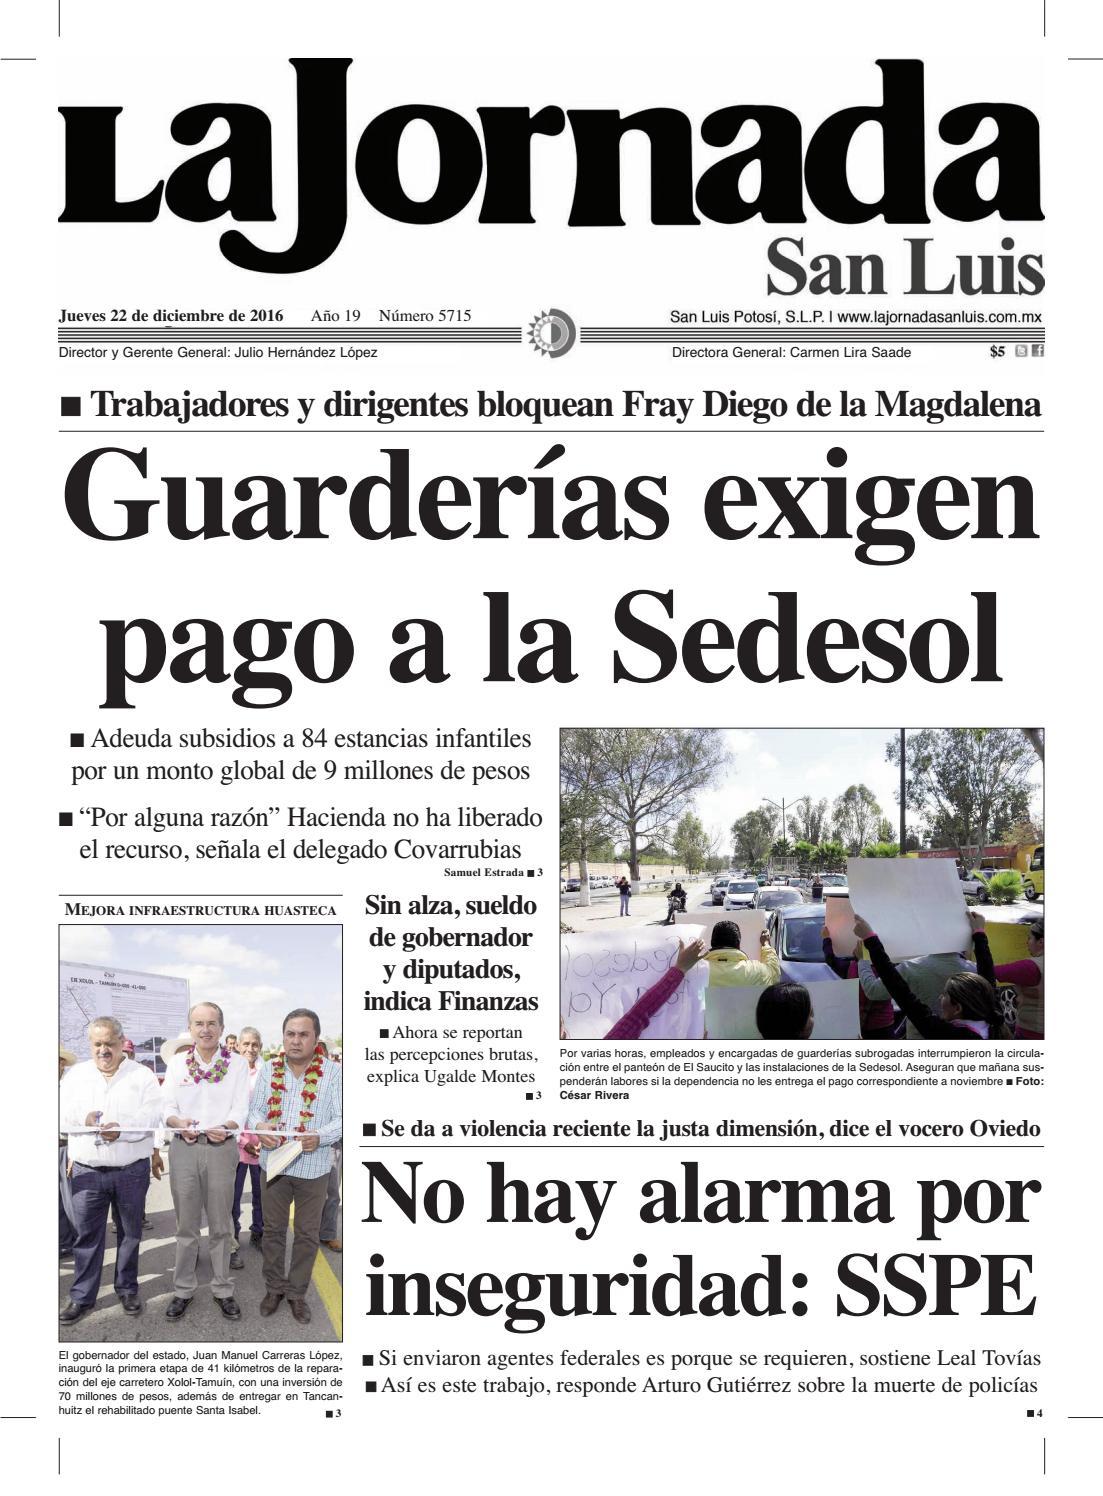 Guarderías exigen pago a la Sedesol by La Jornada San Luis - issuu